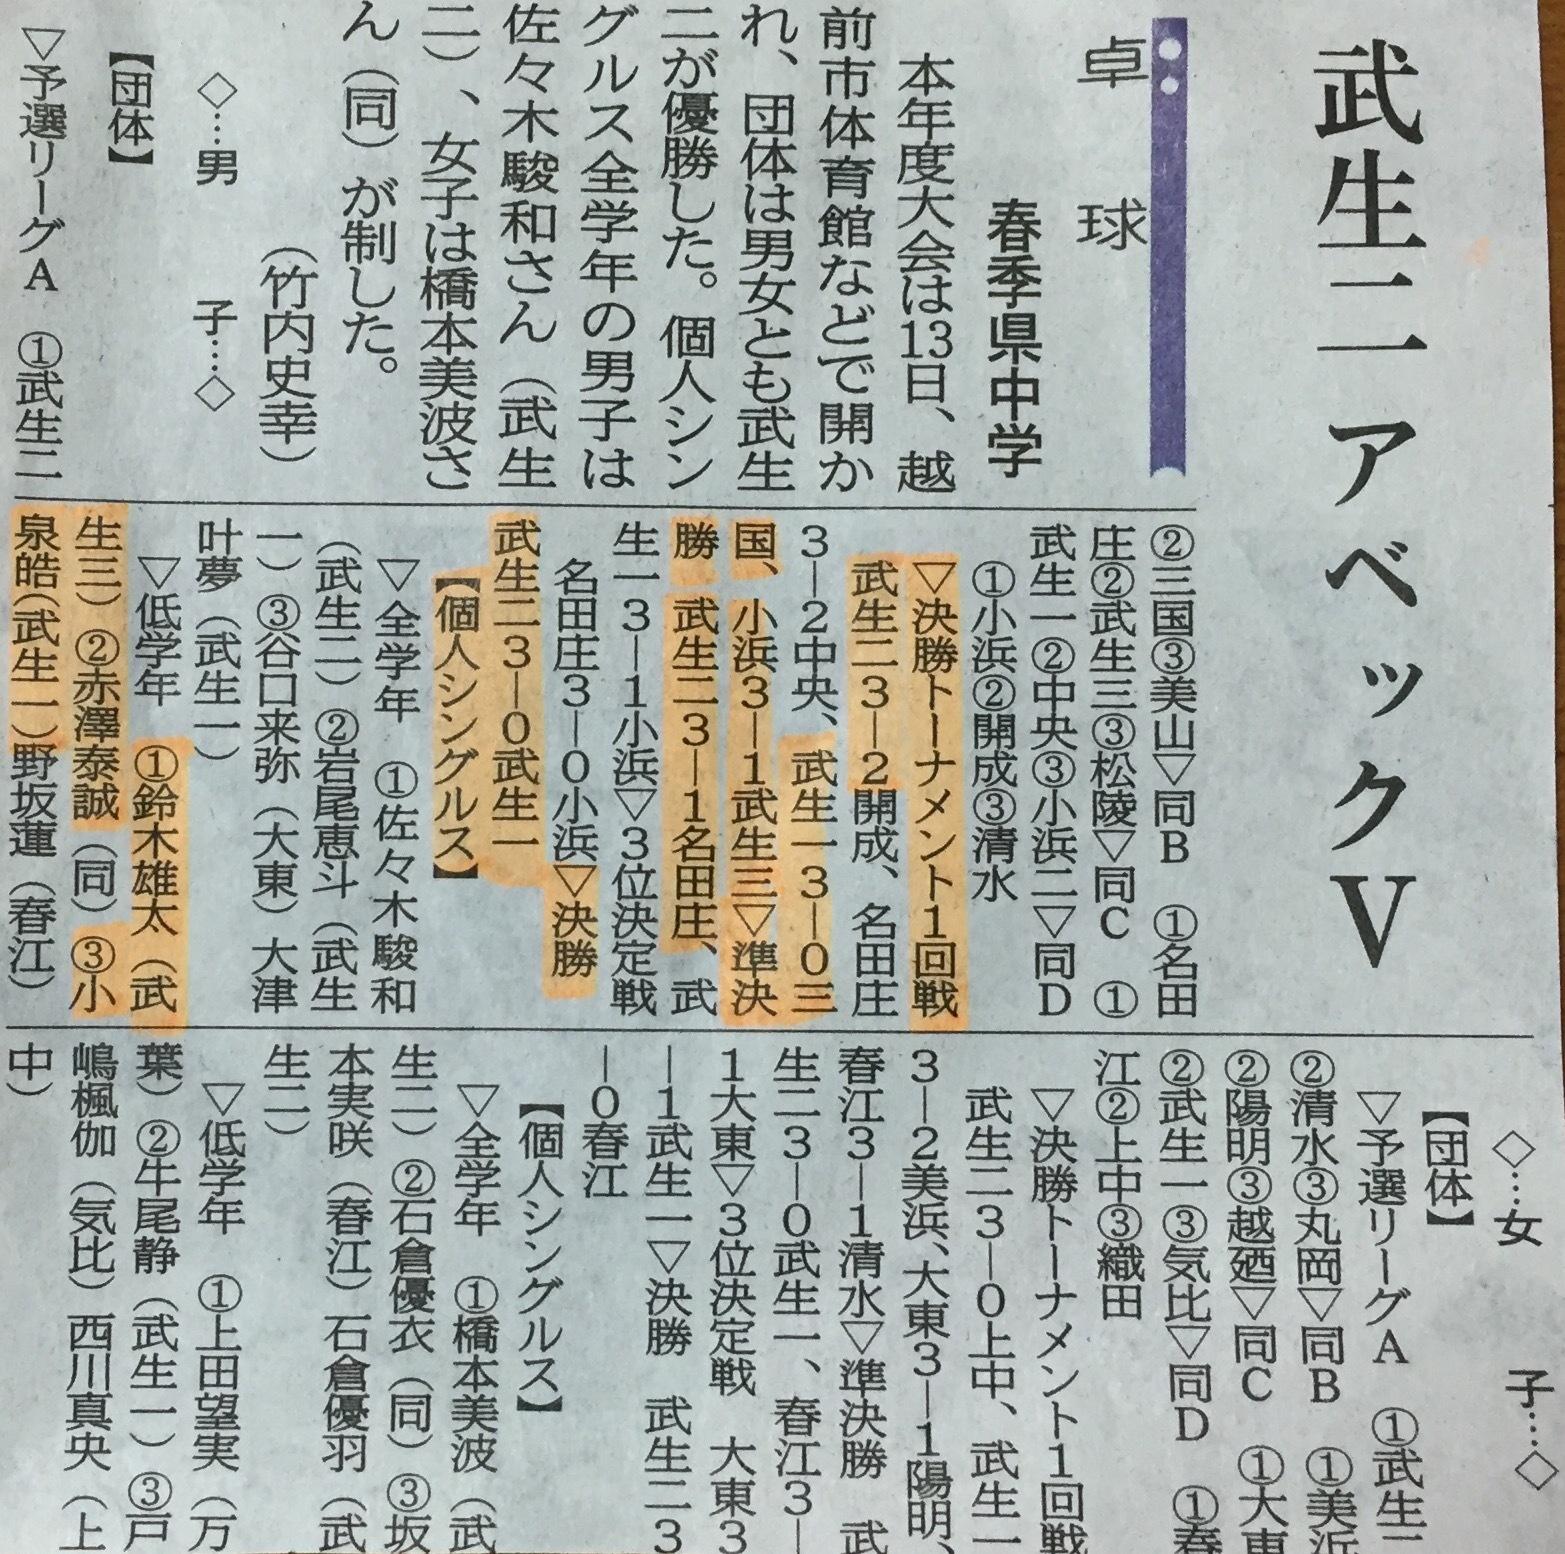 南越地区春季卓球強化大会_新聞